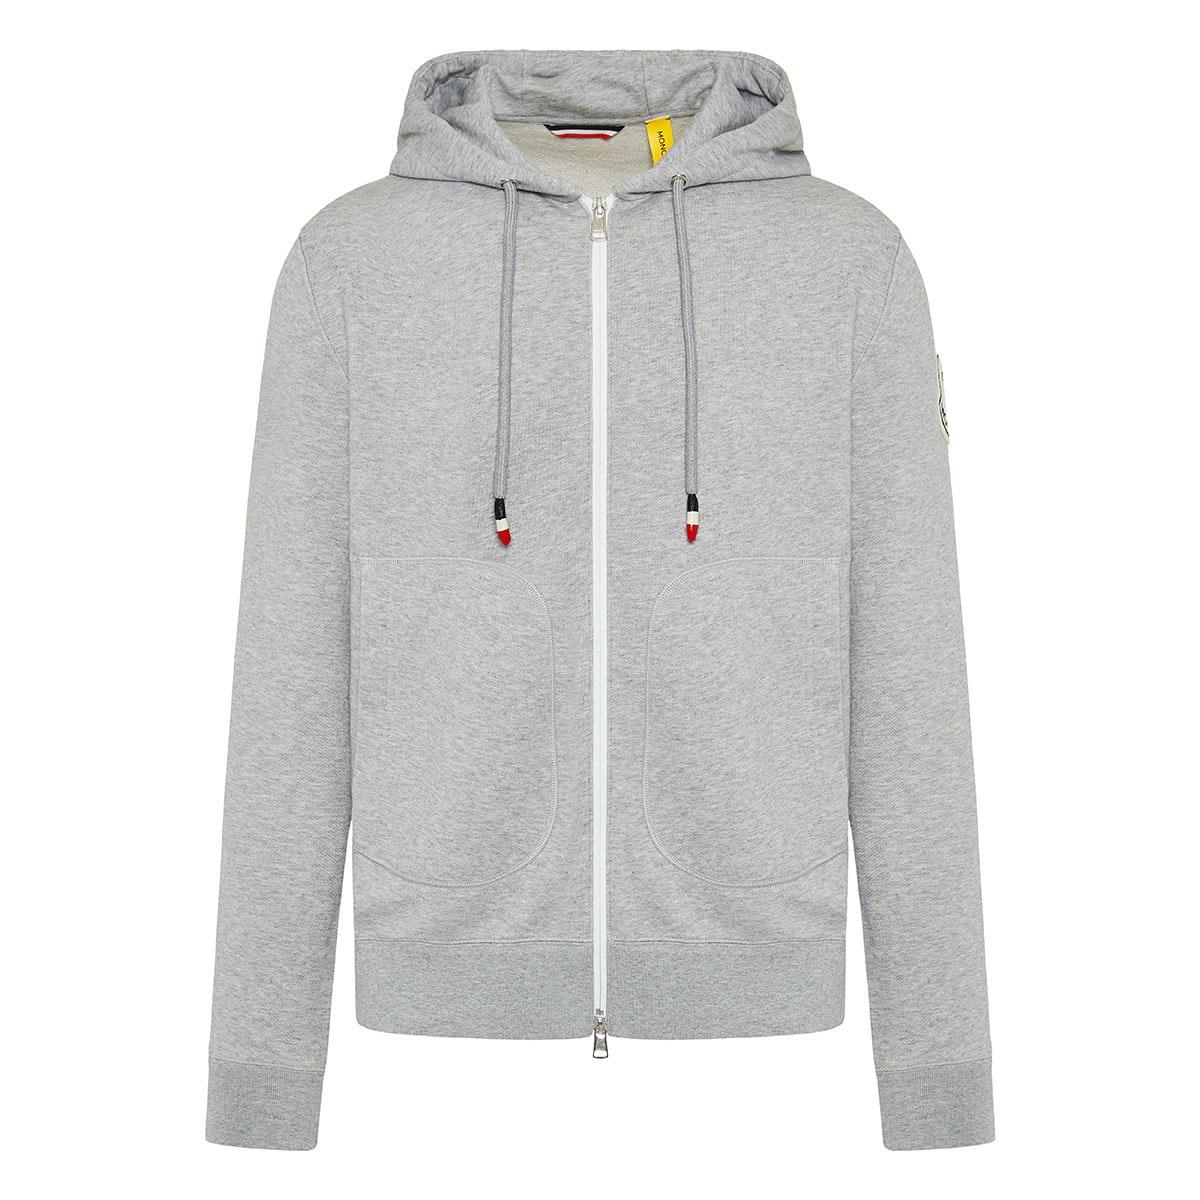 2 Moncler 1952 zipper hoodie